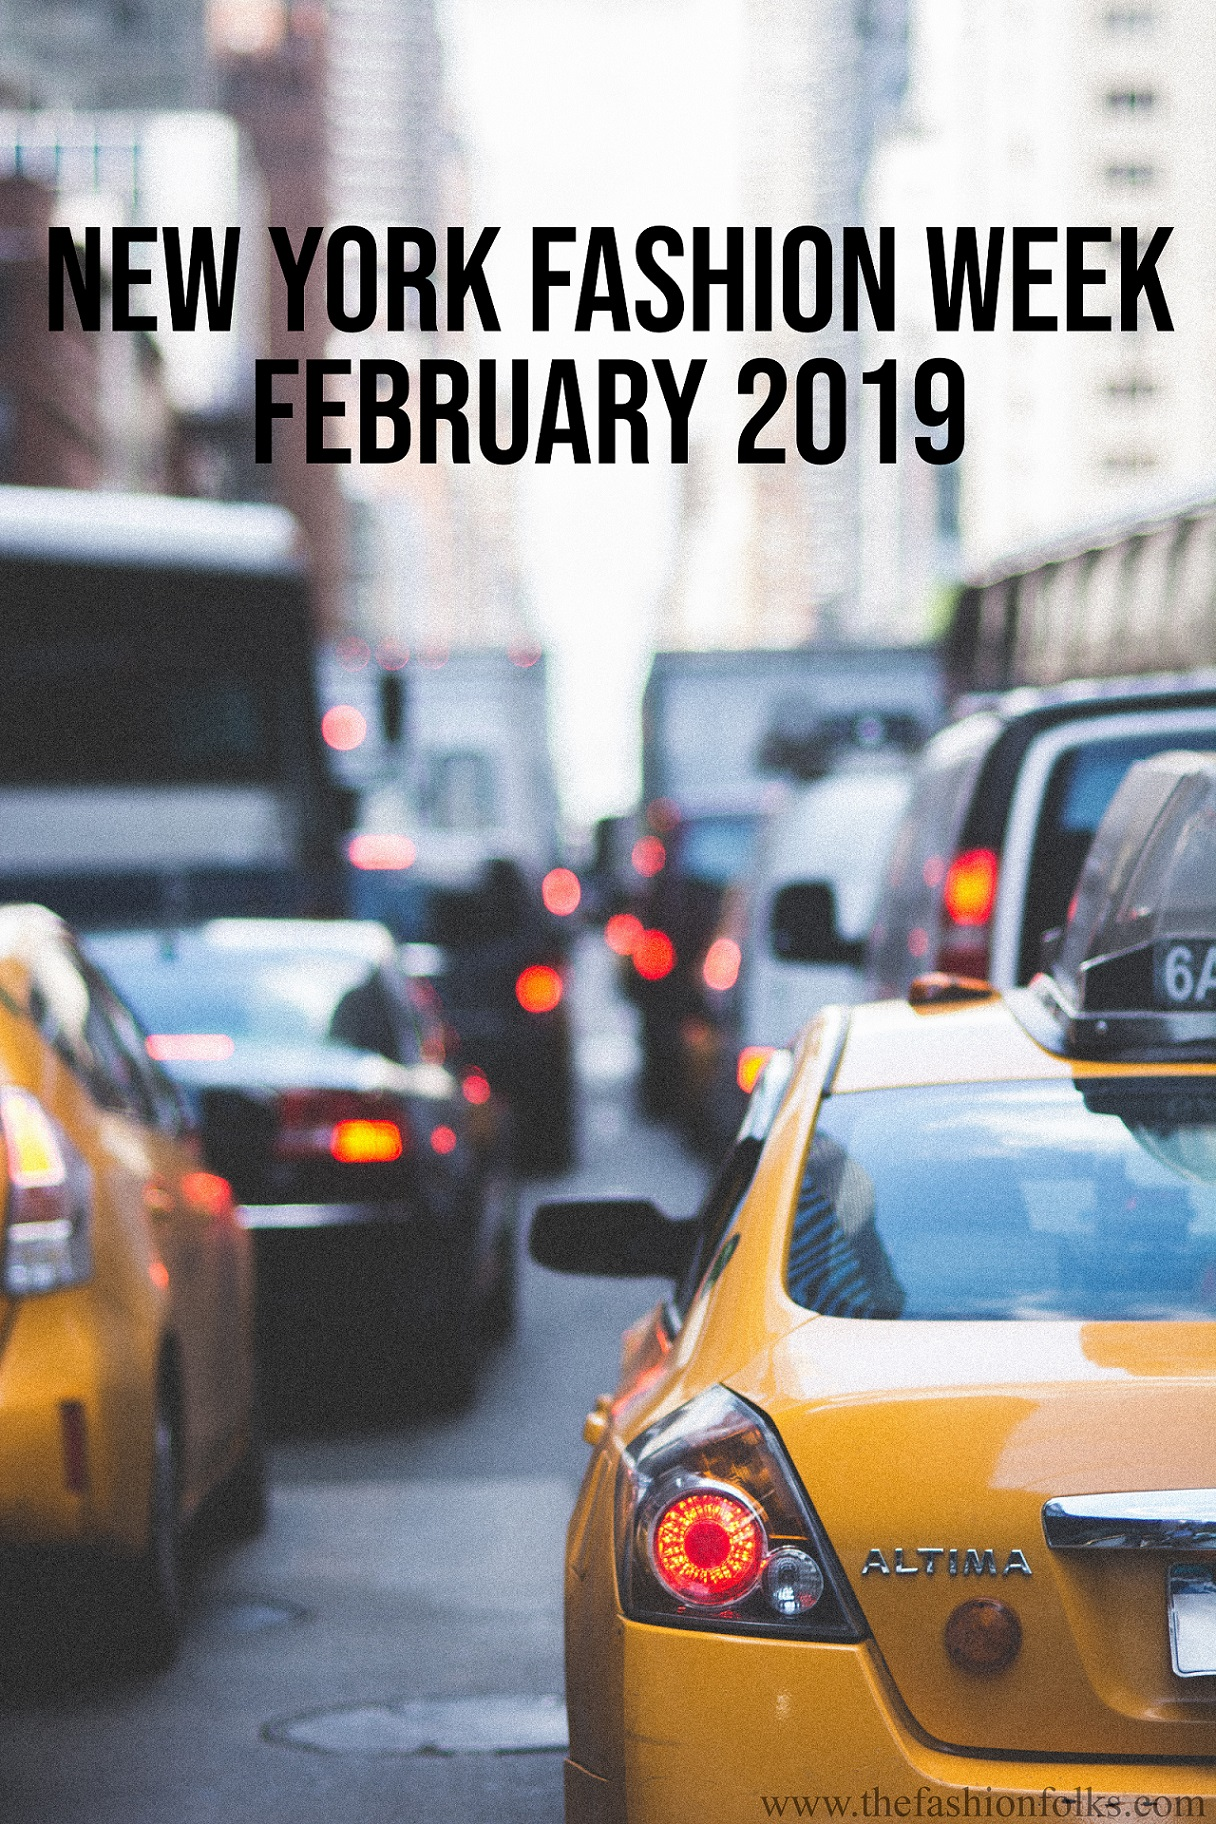 NYFW February 2019 – Summary